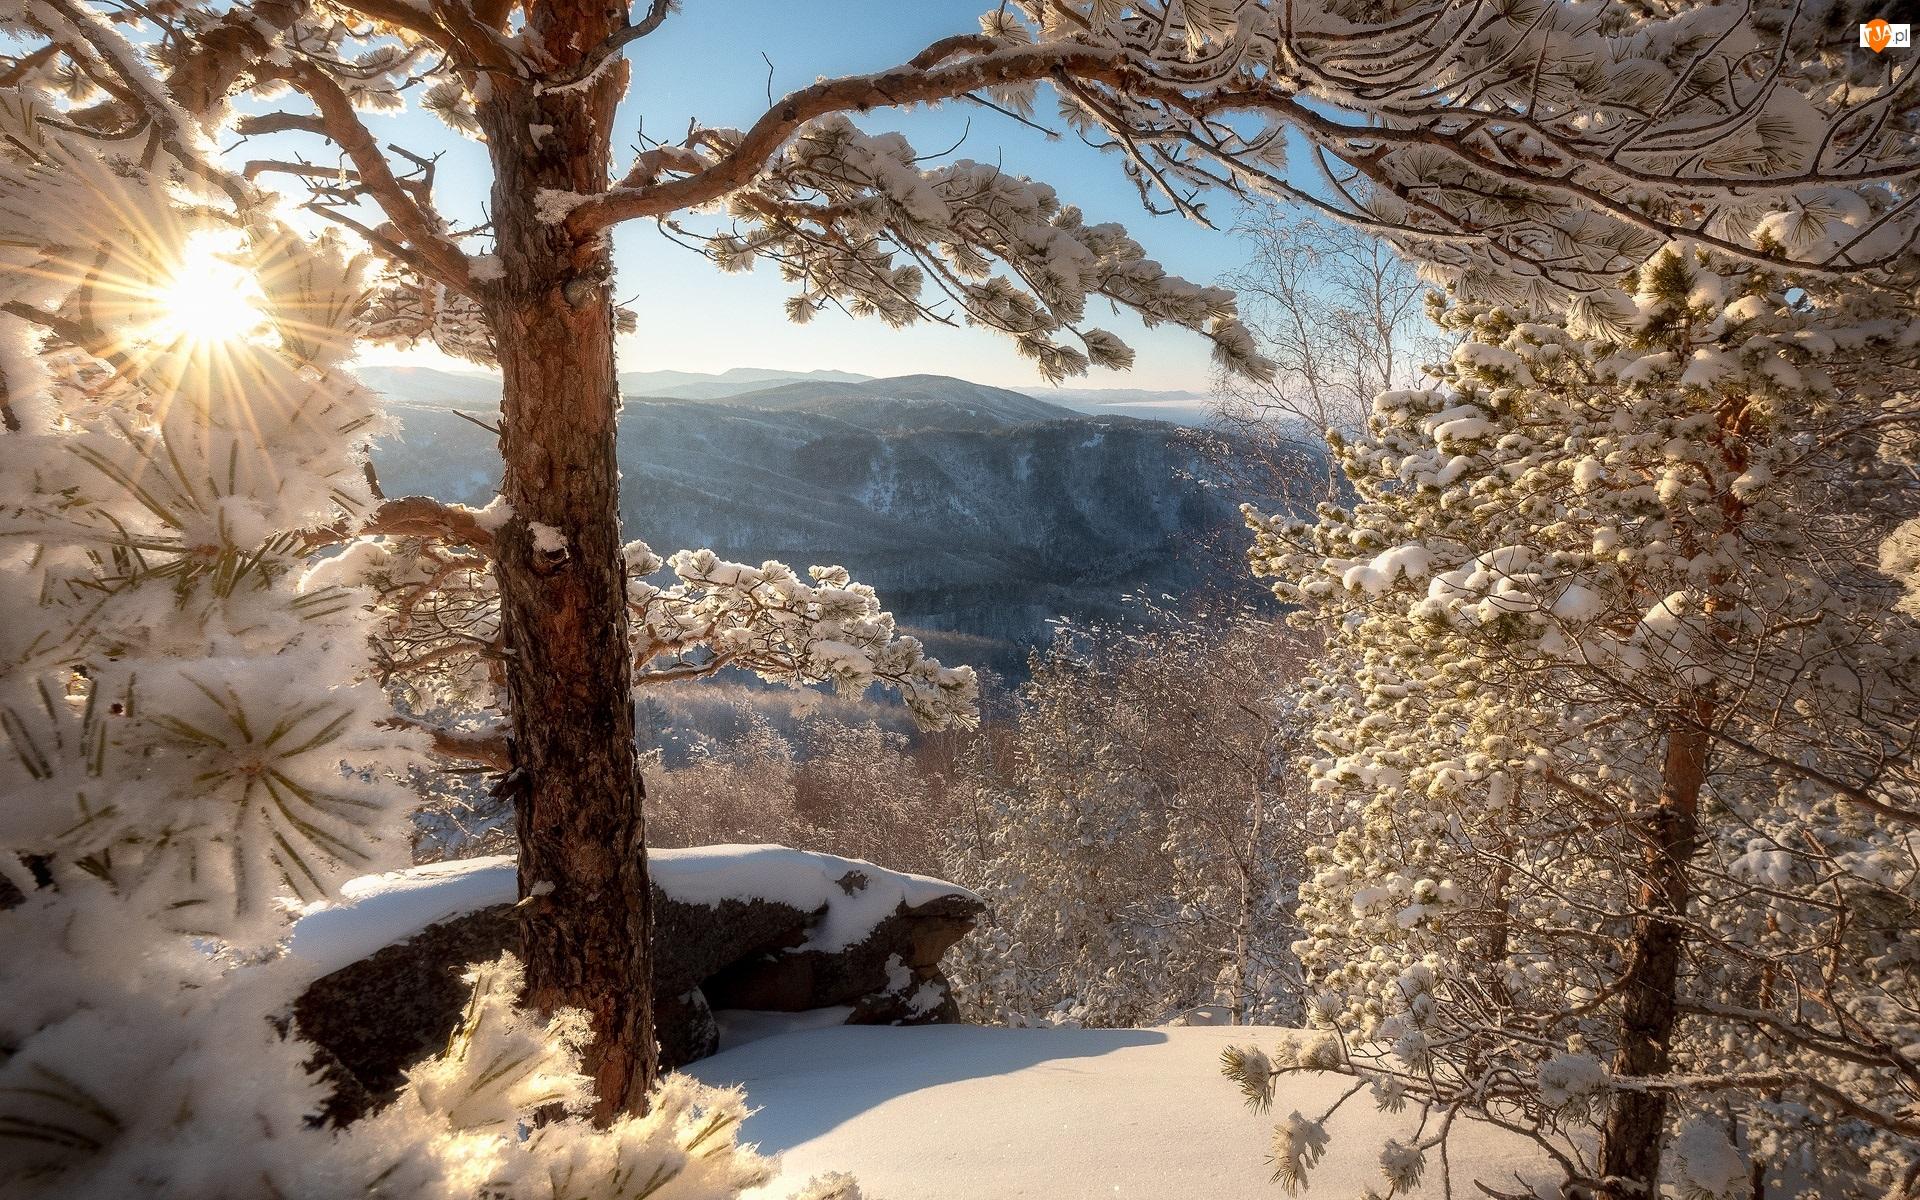 Drzewa, Słońce, Góry, Zima, Śnieg